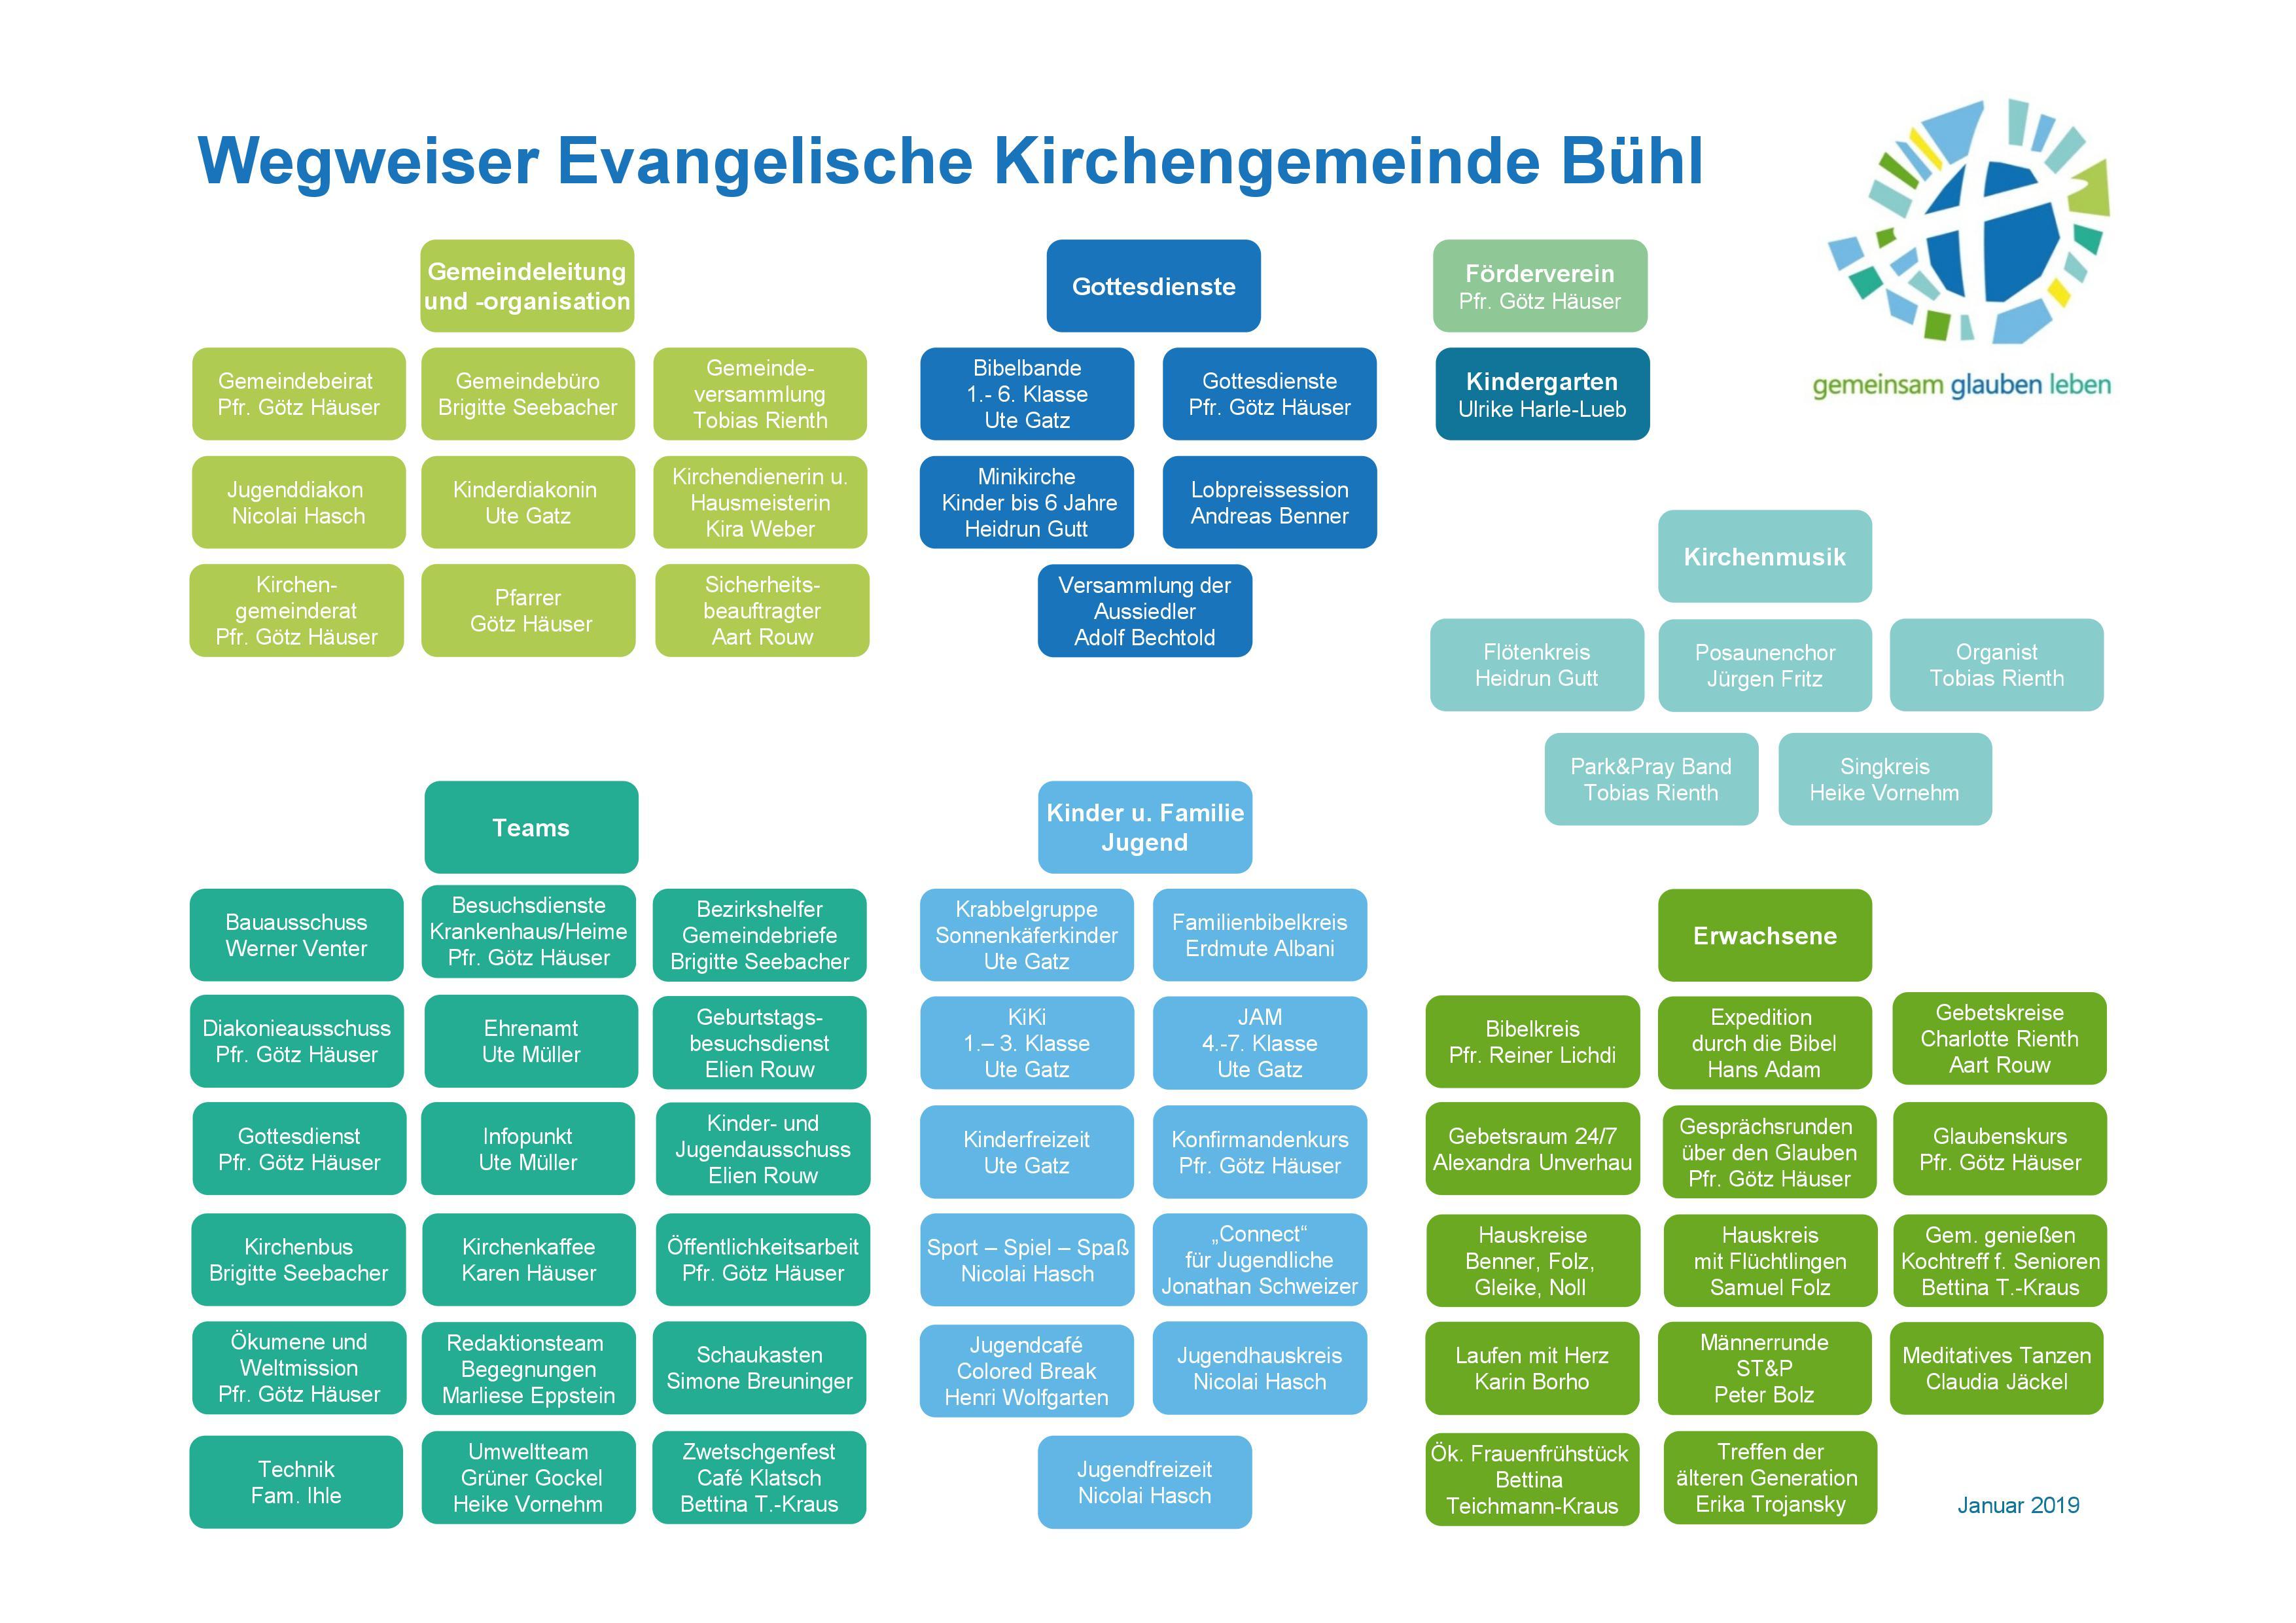 Wegweiser Ev Kirche Bühl